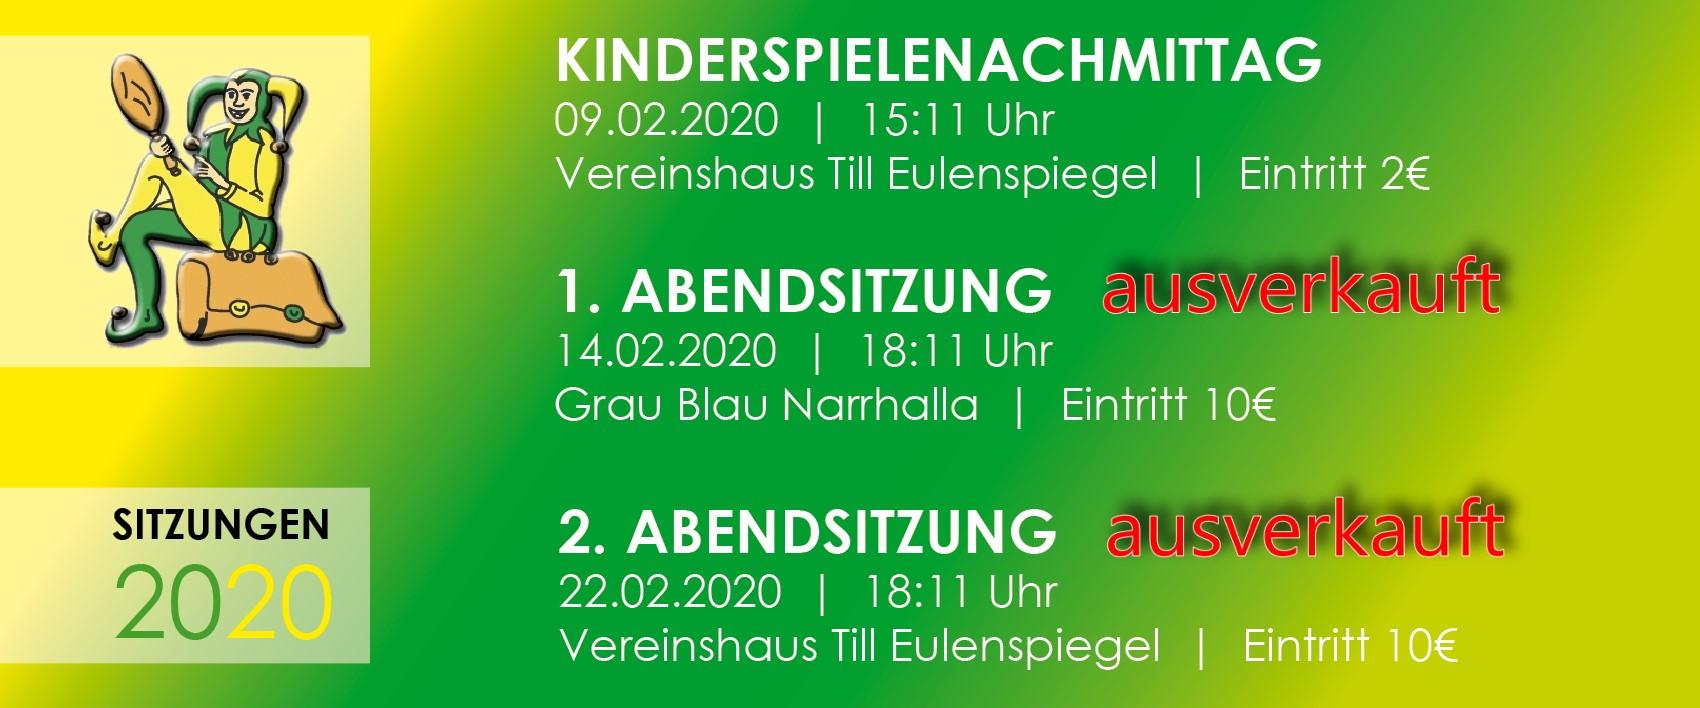 http://gruen-gelb.de/images/Banner%20ausverkauft.jpg